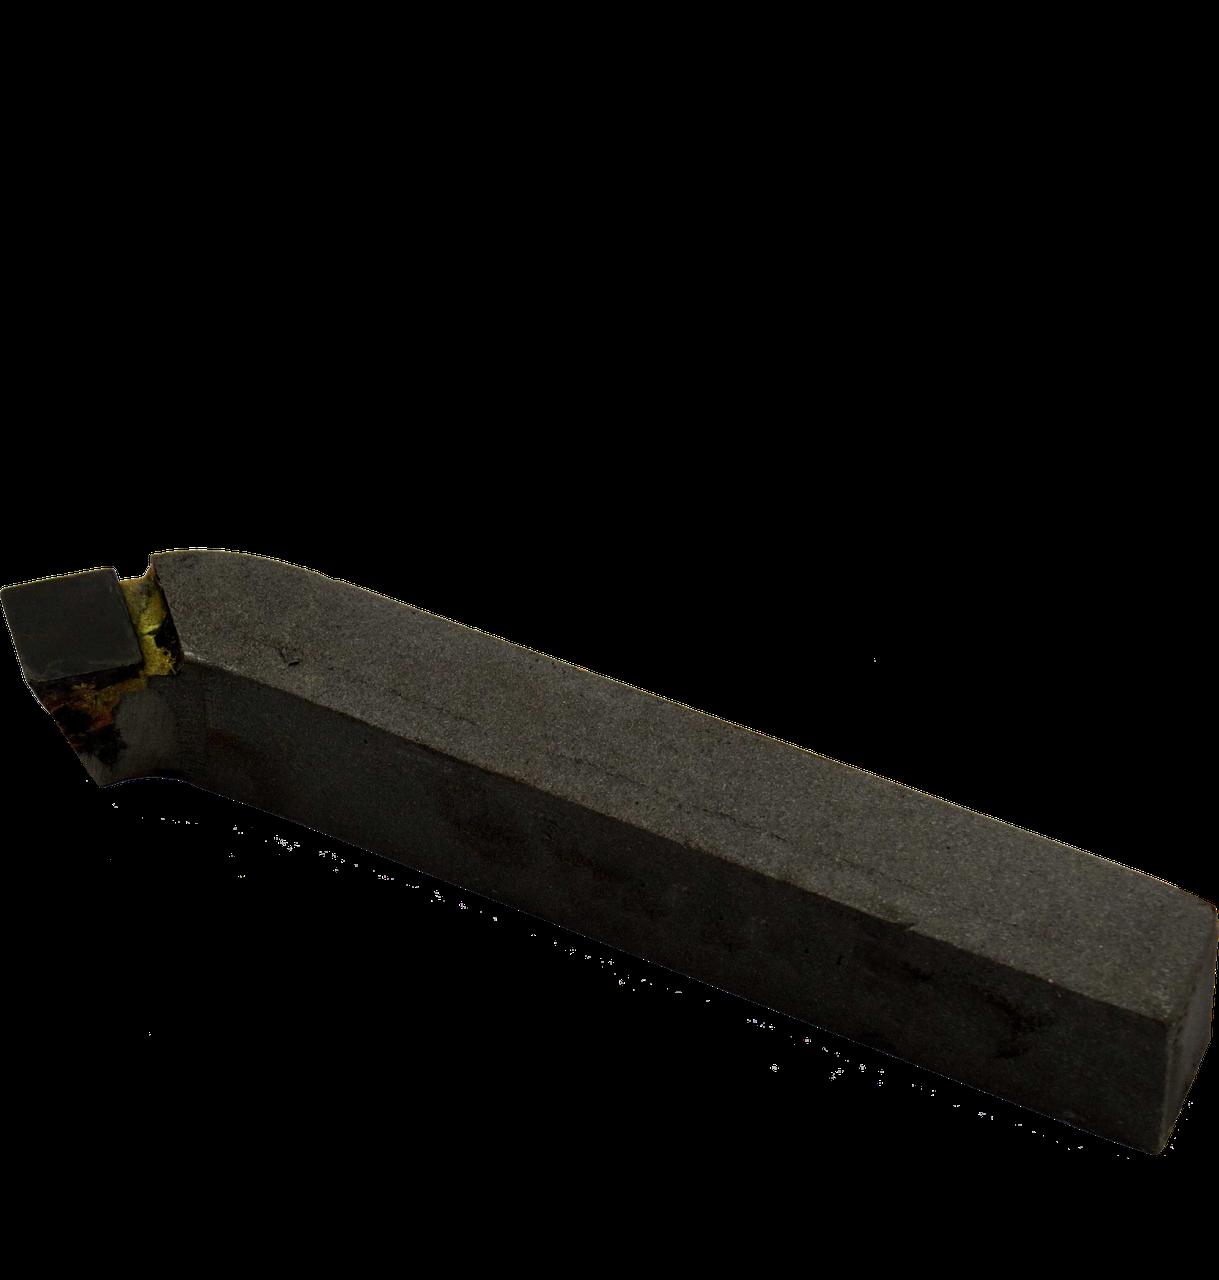 Резец токарный проходной отогнутый 32х20х170 (Т15К6) СИТО Беларусь